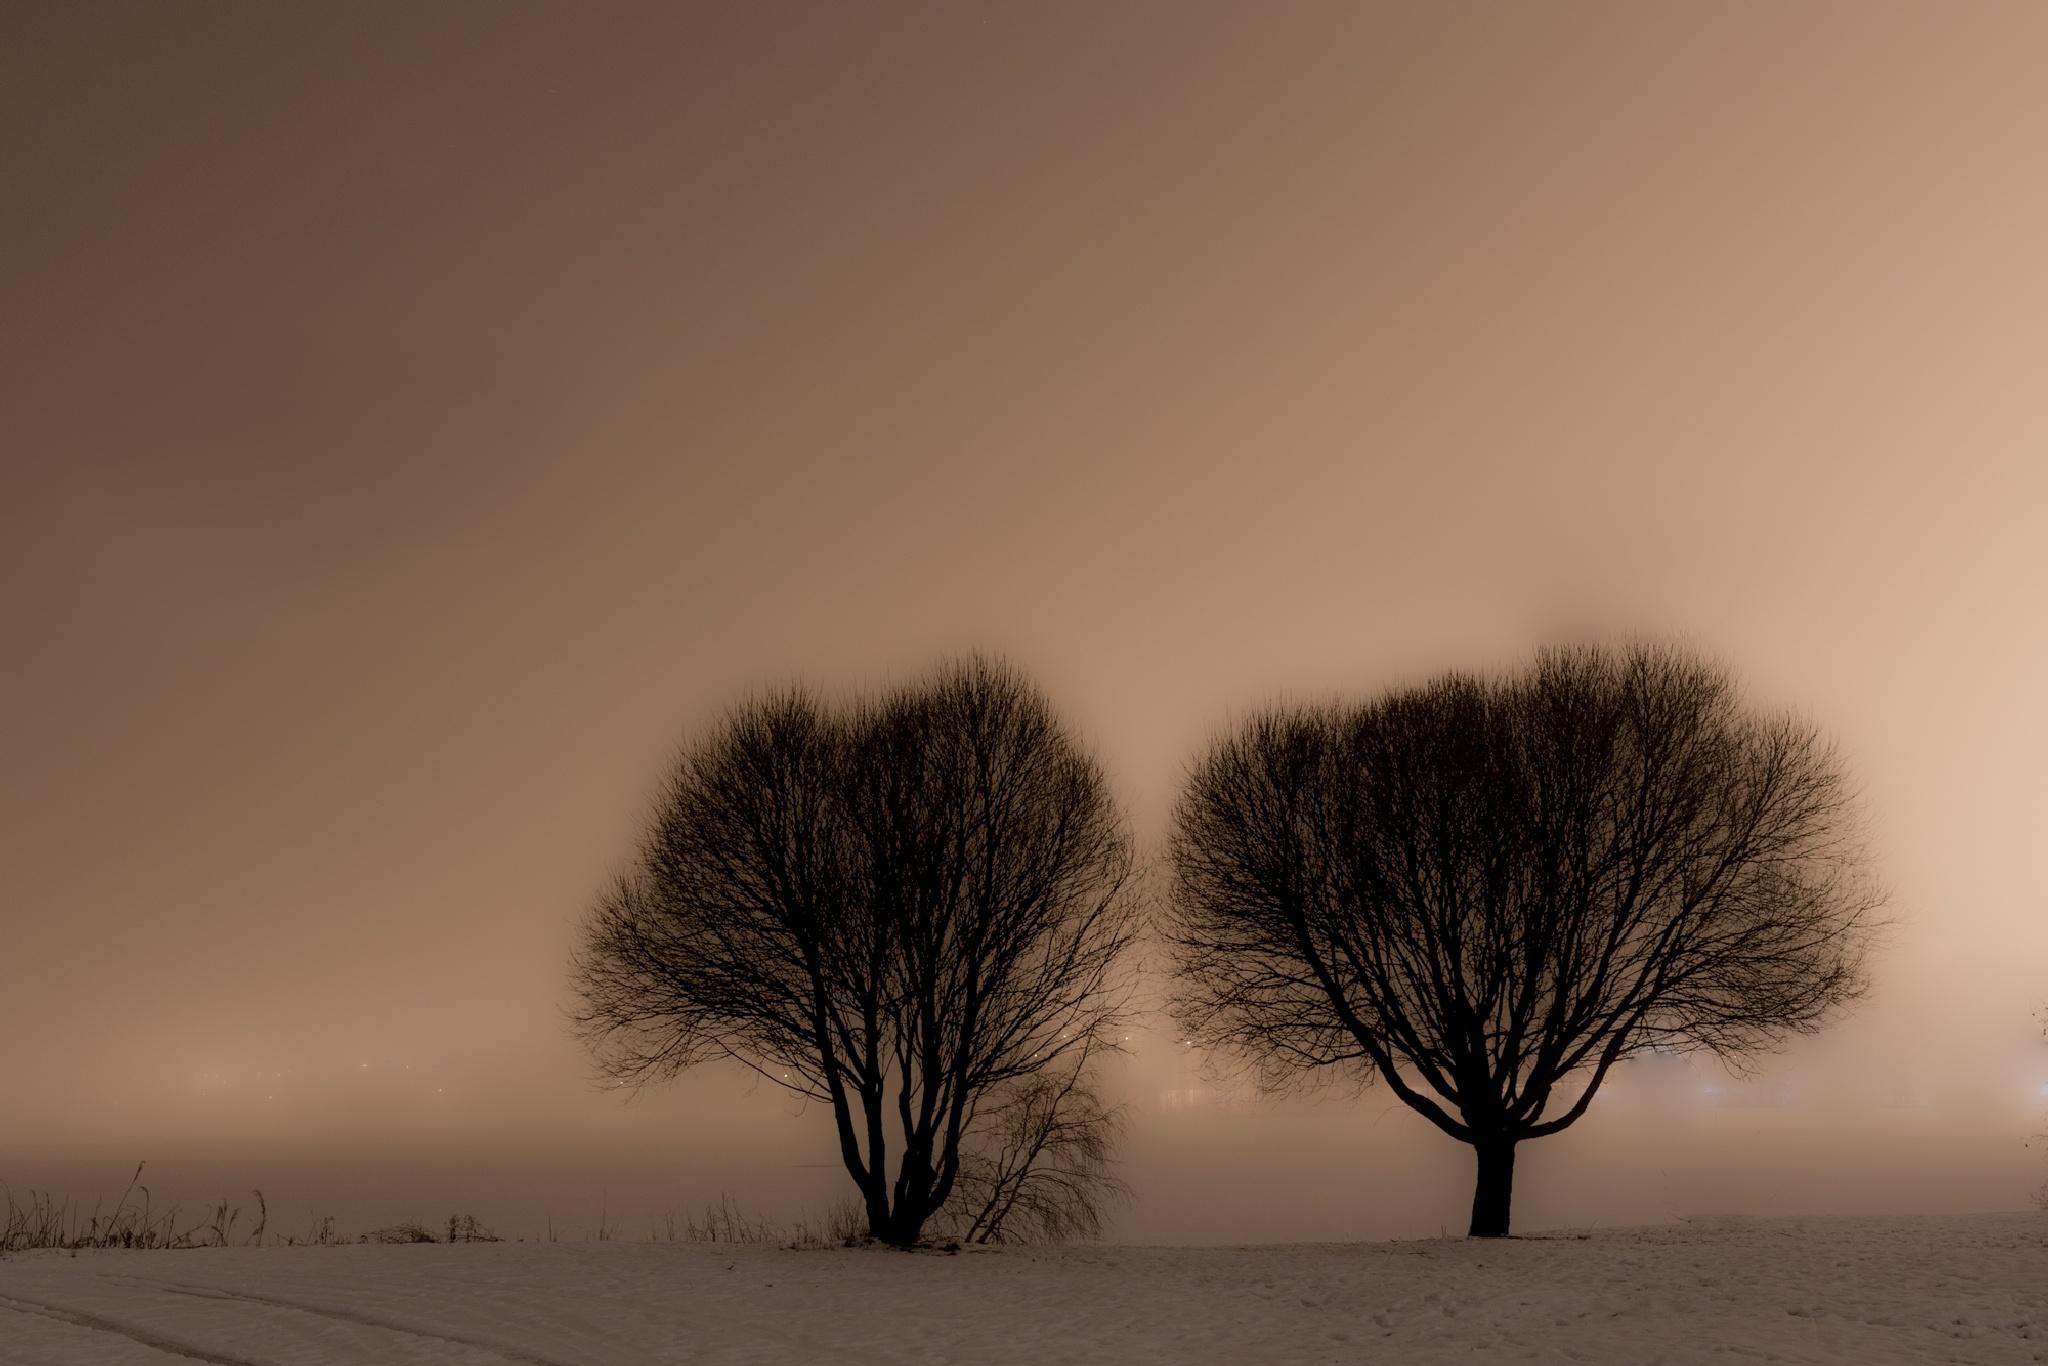 Morning fog by larsolov.gardelid